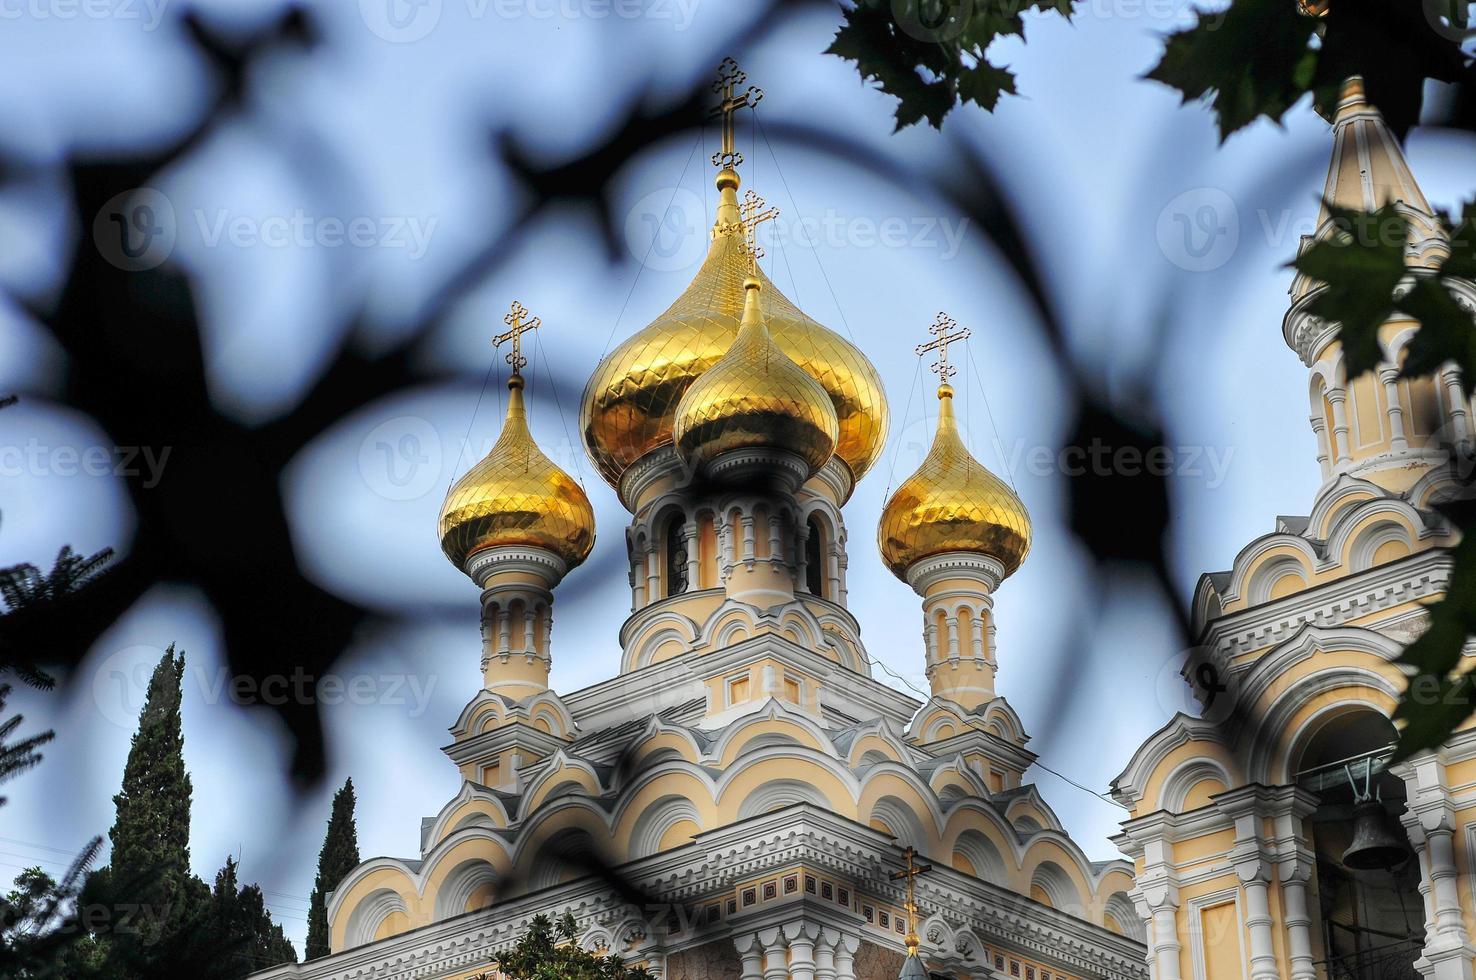 alexandre nevsky cathédrale photo